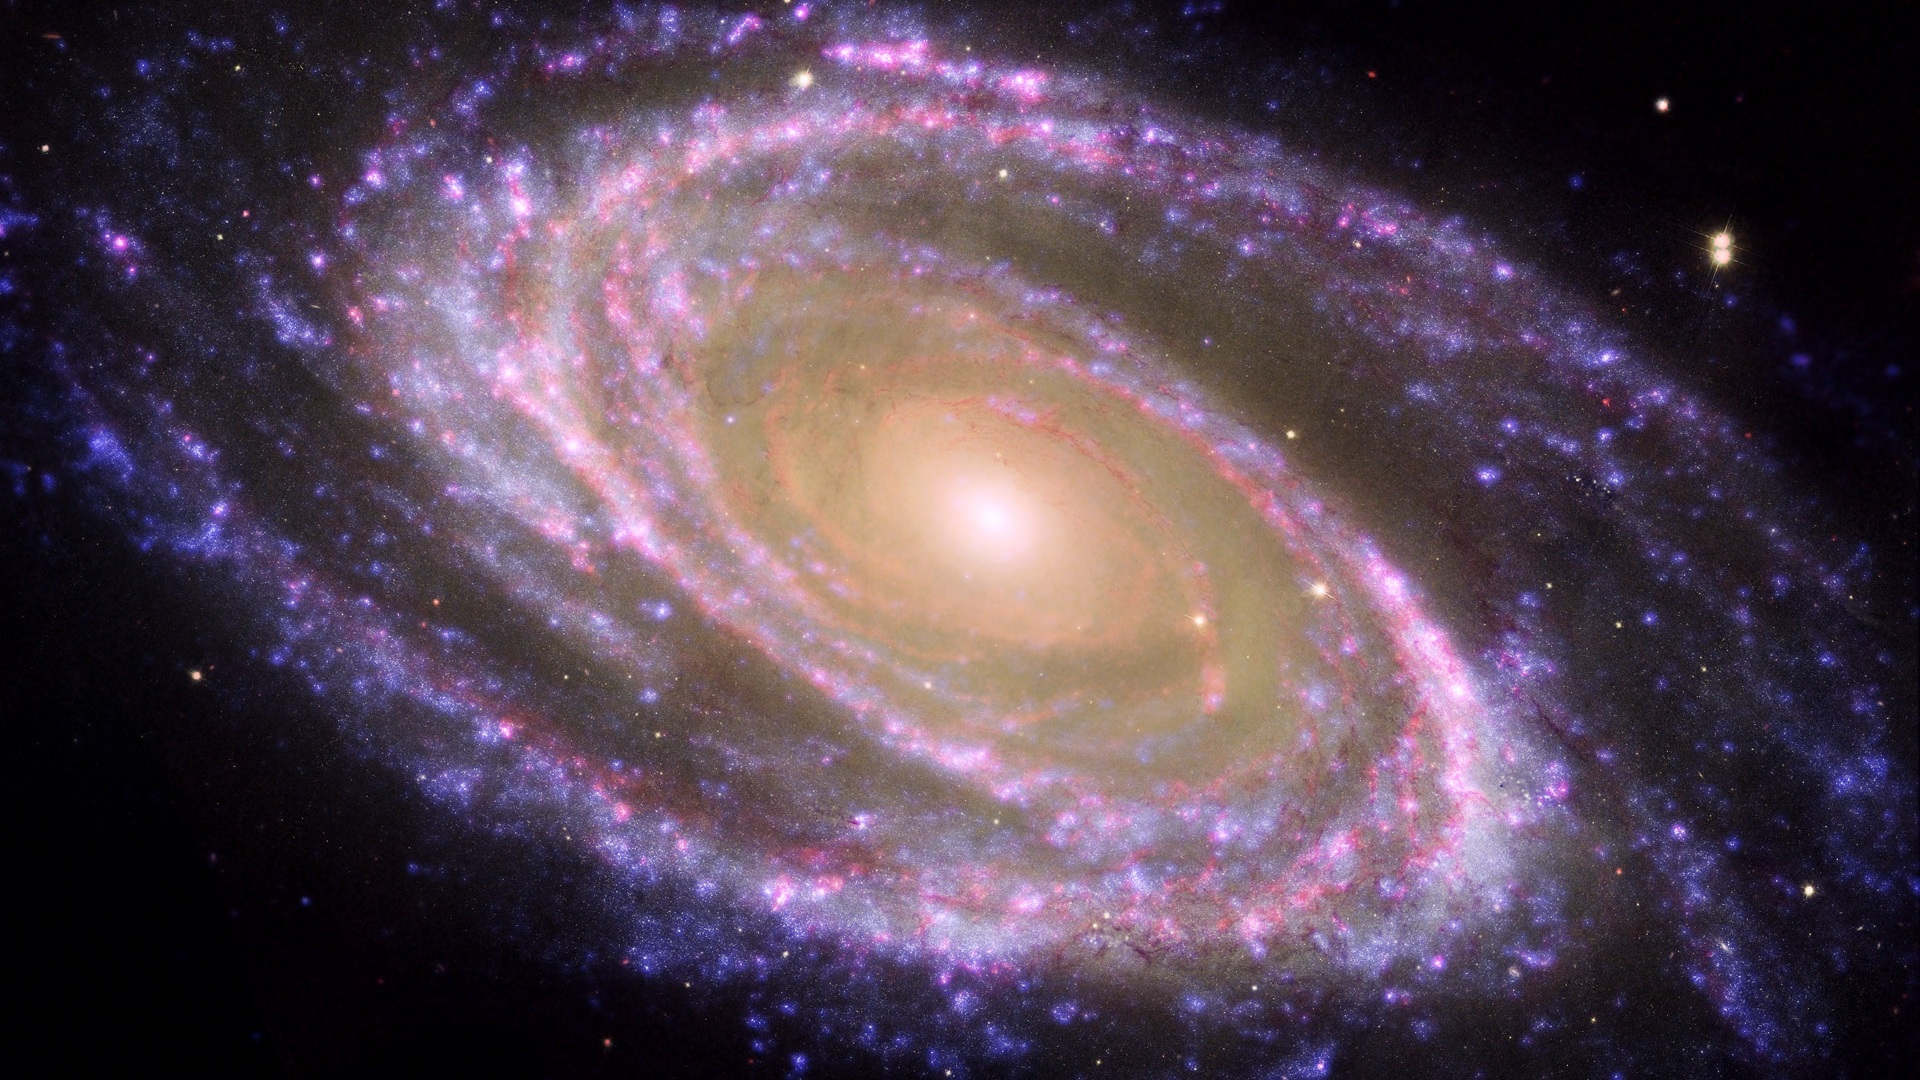 Purple Hubble da nebulosa da estrela Papis de Parede 1920x1080 1920x1080